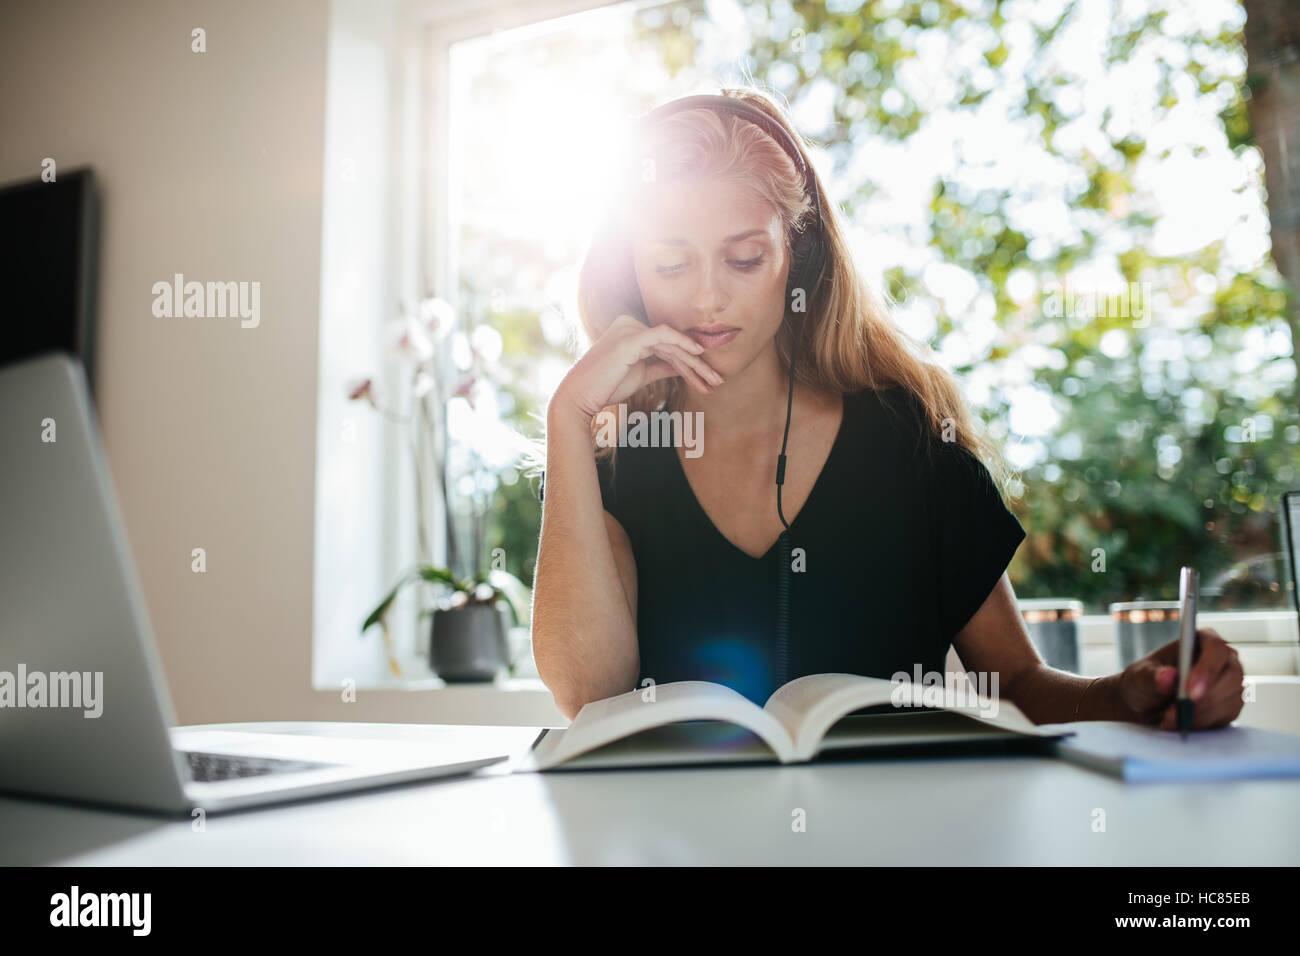 Junge Frau mit Laptop und Notizen in Buch am Tisch sitzen. Studentin Studium zu Hause. Stockbild